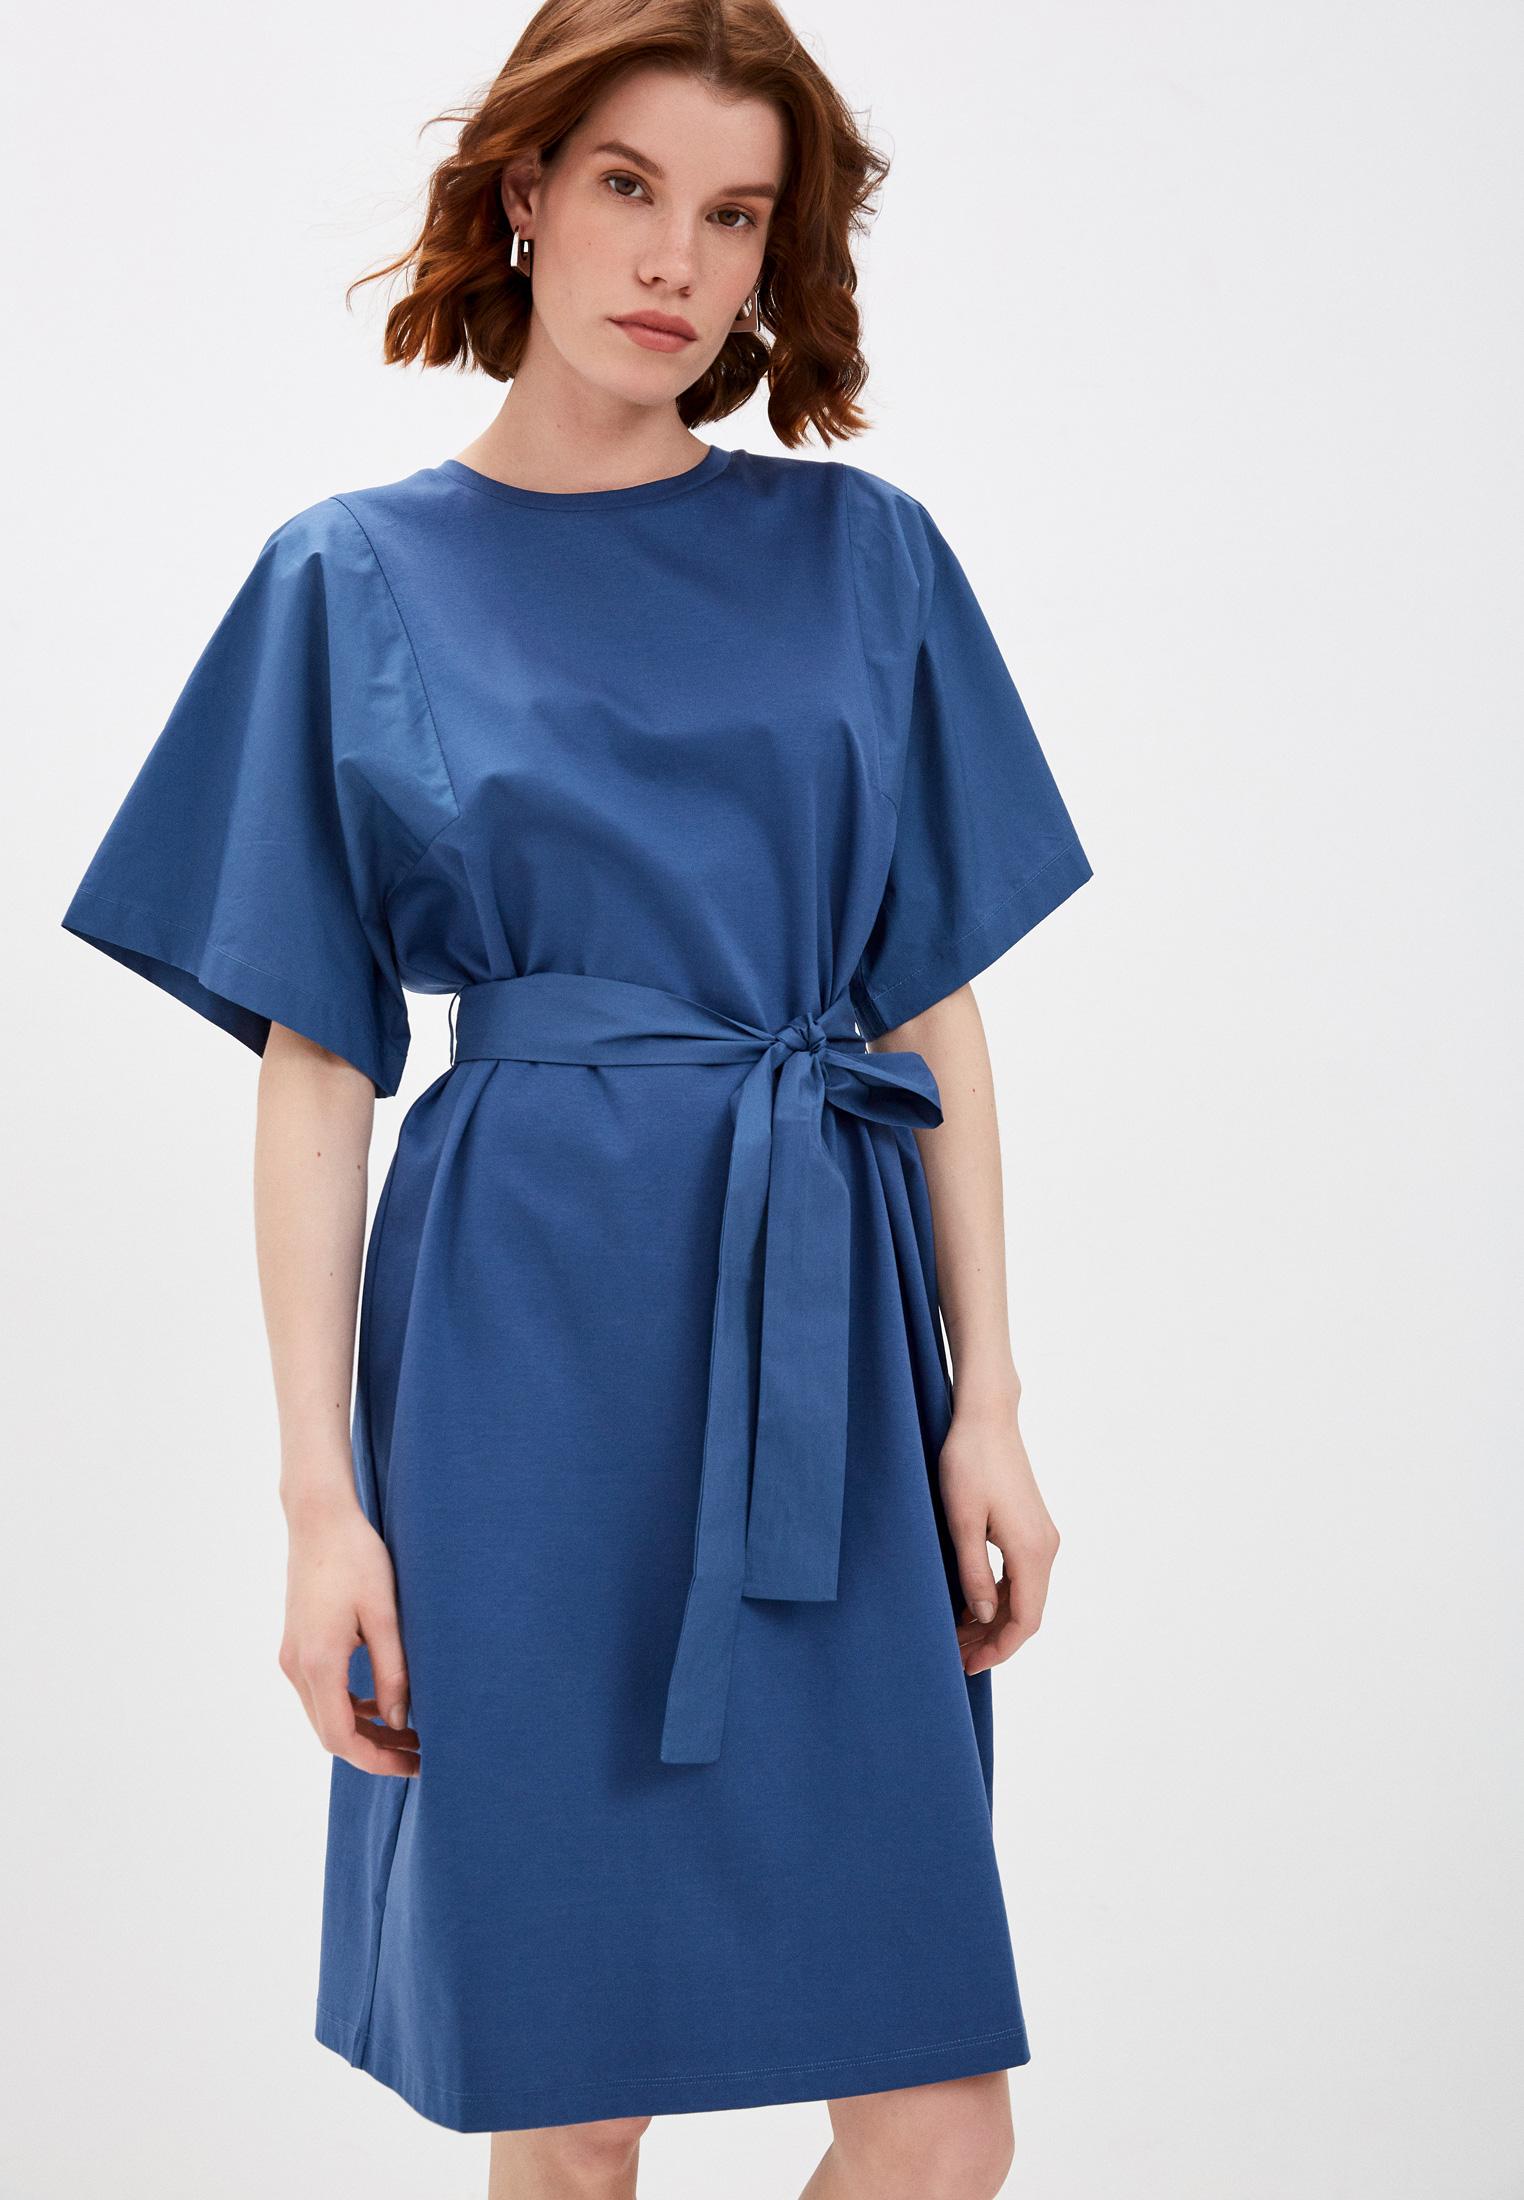 Повседневное платье Weekend Max Mara 56210211600